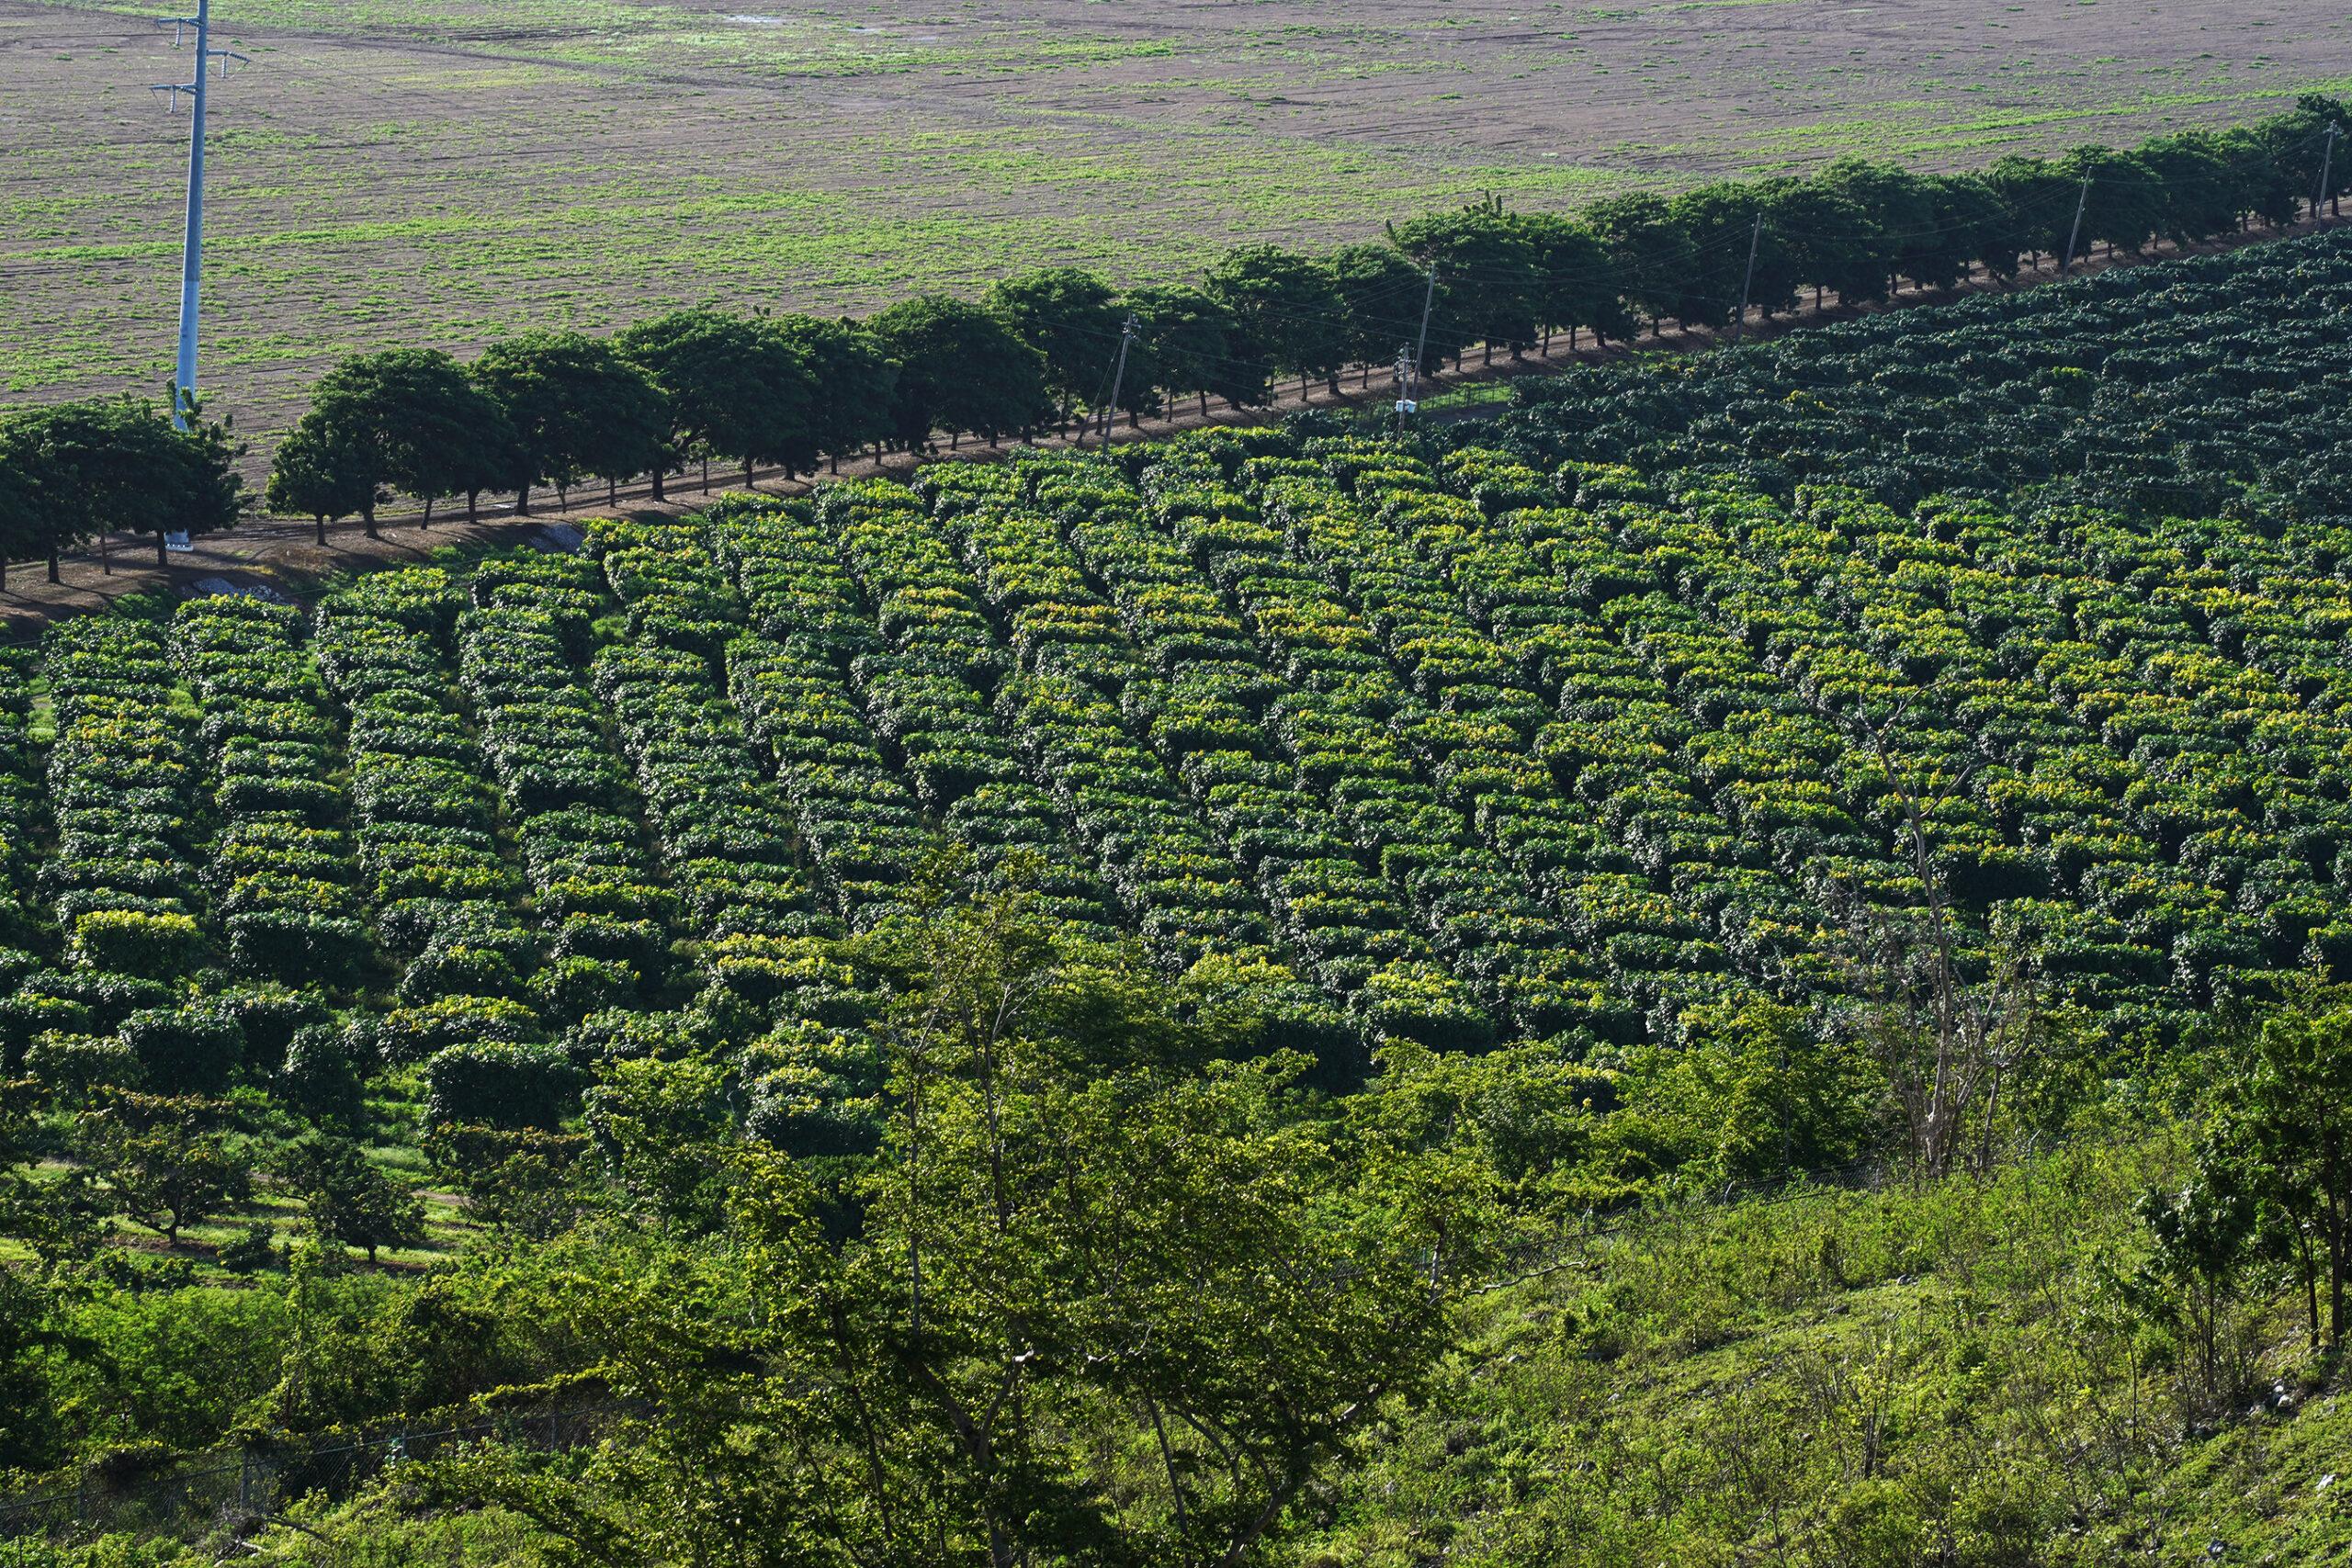 CARIBBEAN HEMP FARMS_JAMFOTOSPR_21